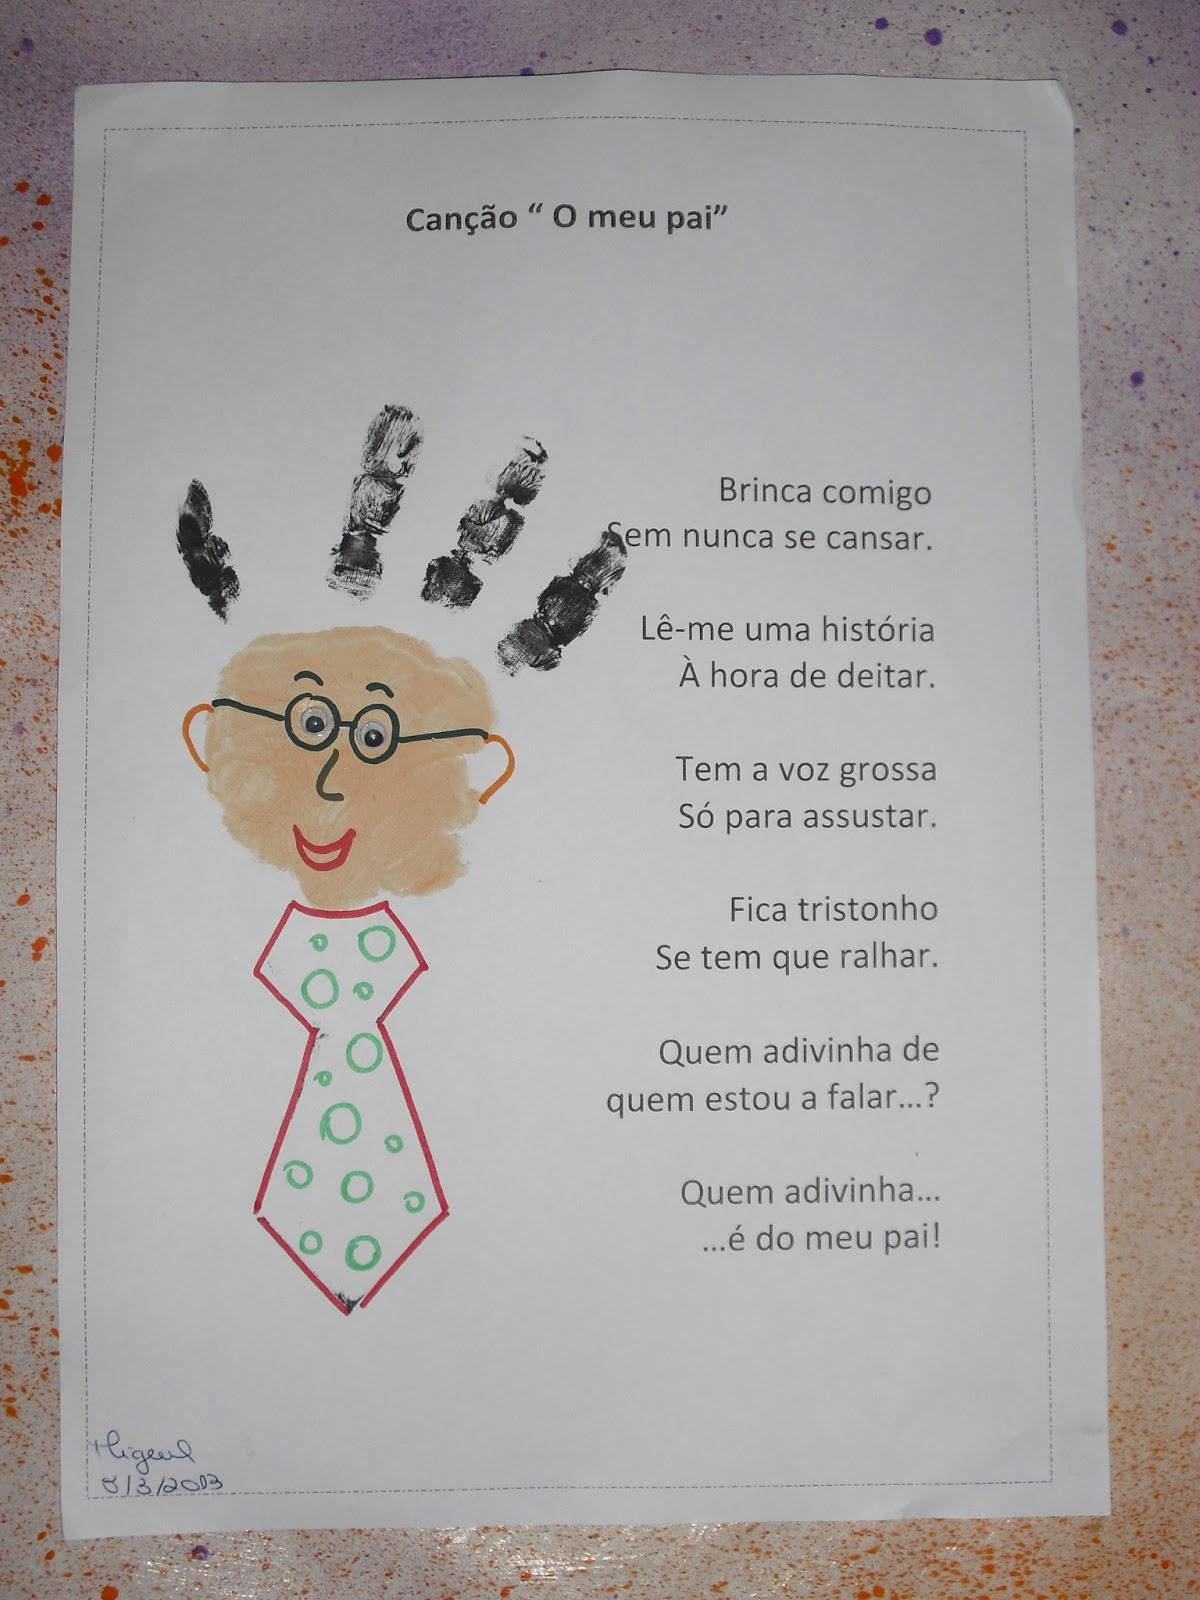 Lembrancinha com Poema para o Dia dos Pais: Impressão da Mão.